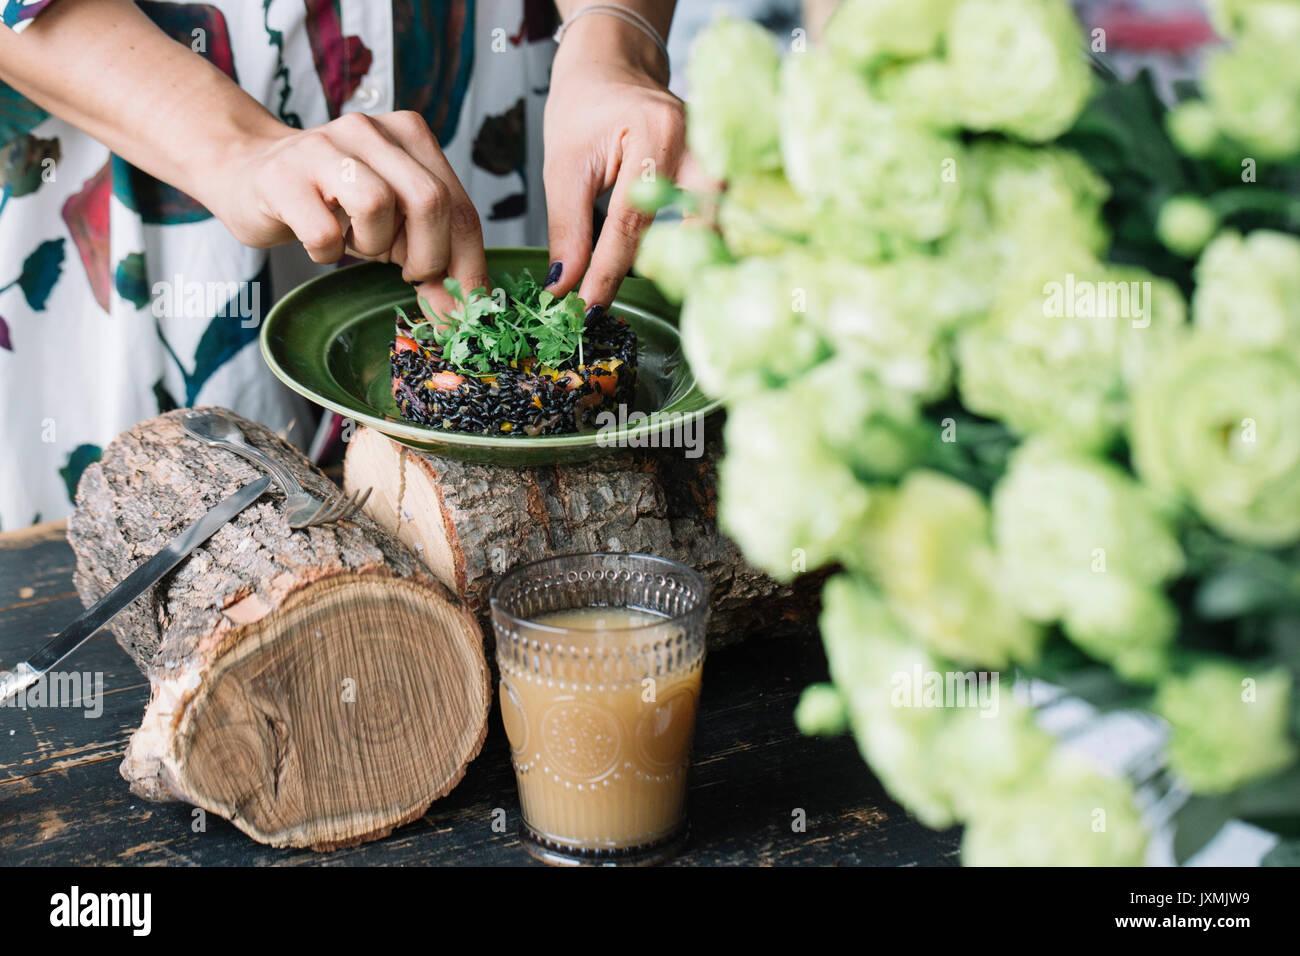 Frau Vorbereitung vegetarisches Gericht Stockbild